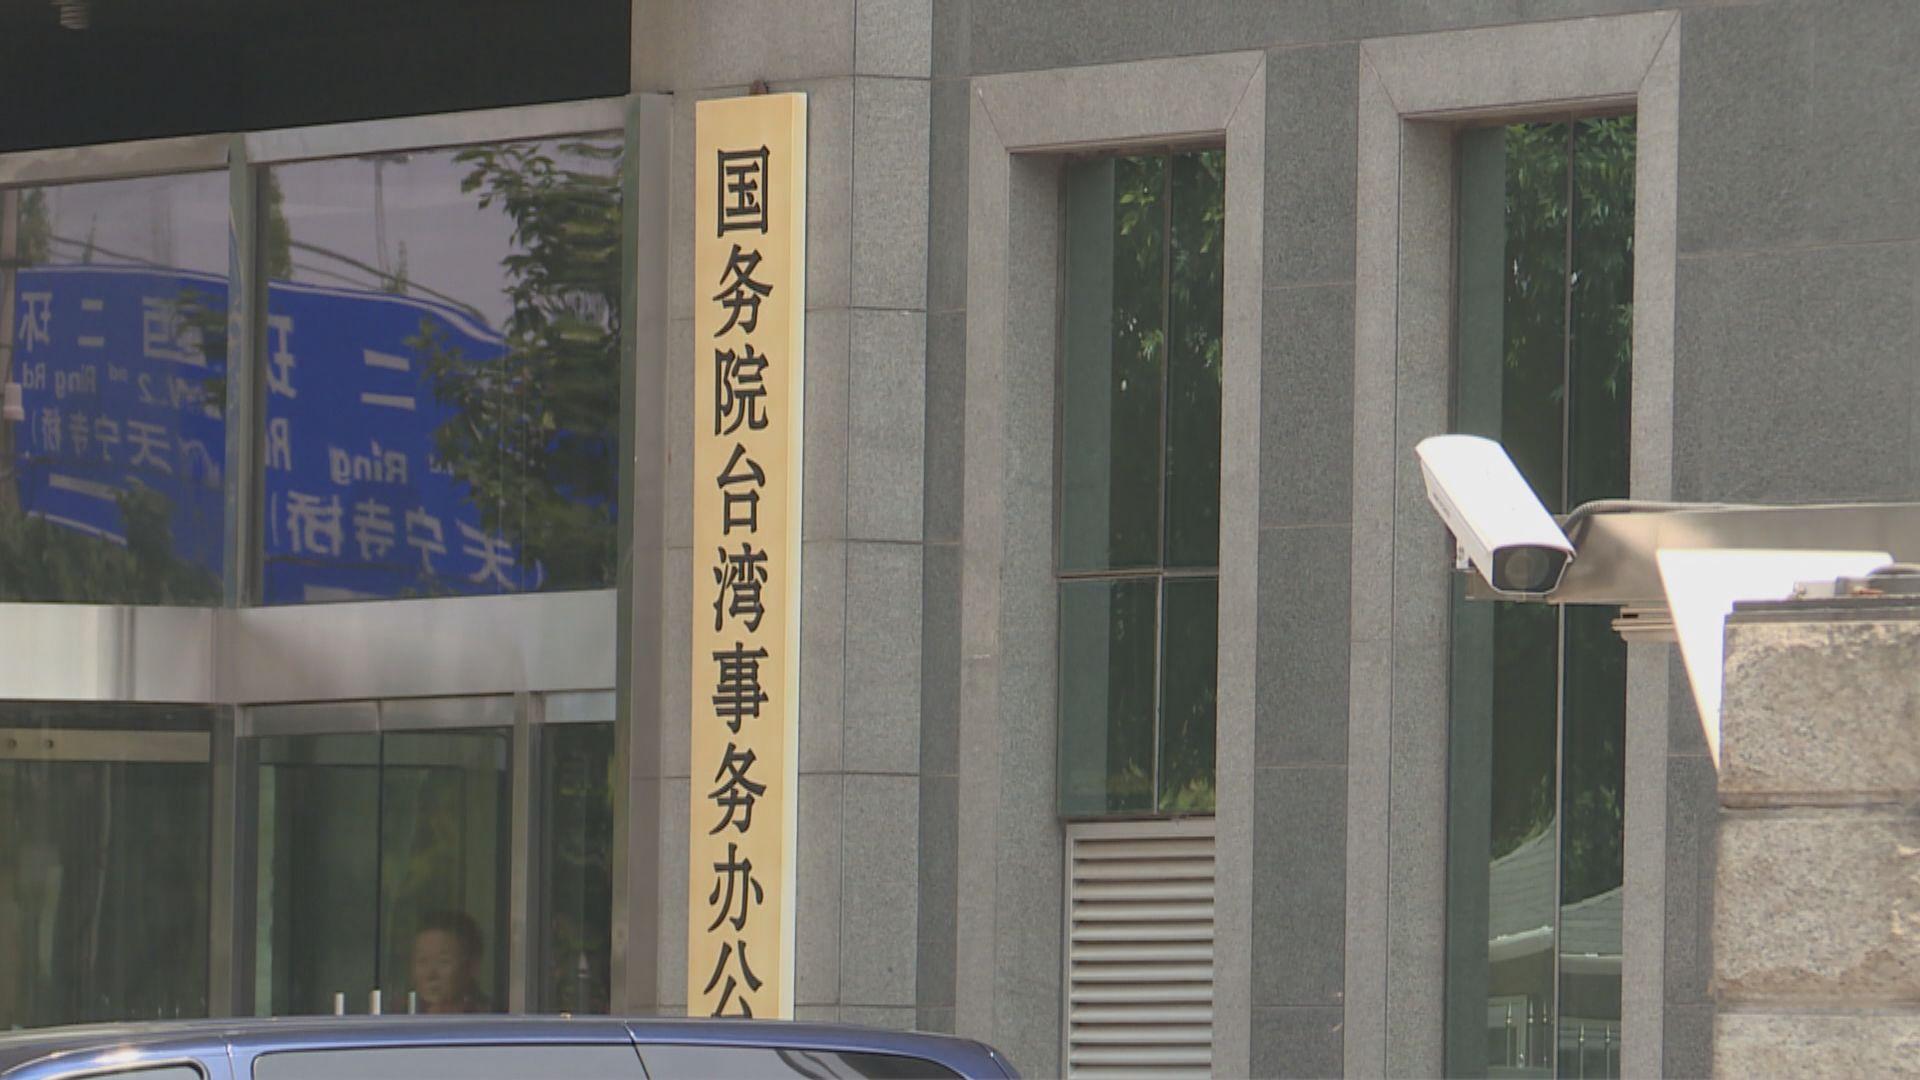 國台辦:歐洲議會涉台報告違反一中原則